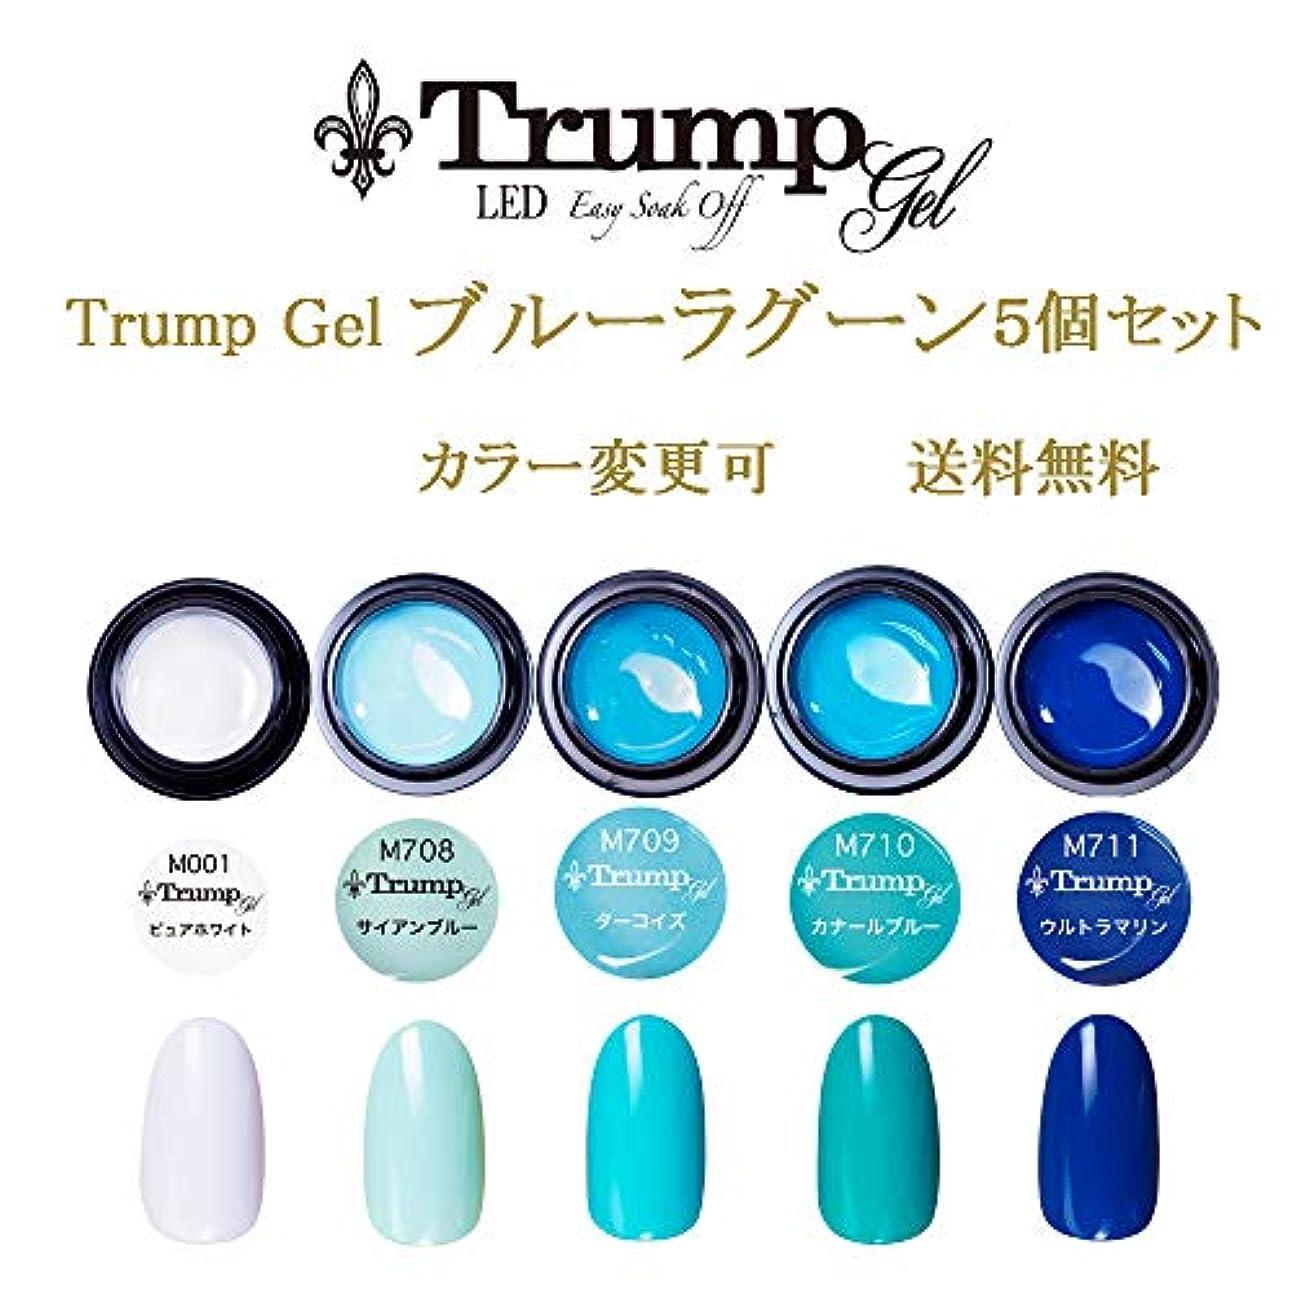 アパル郵便屋さんアクセシブル日本製 Trump gel トランプジェル ブルーラグーン カラー 選べる カラージェル 5個セット ブルー ターコイズ ホワイト